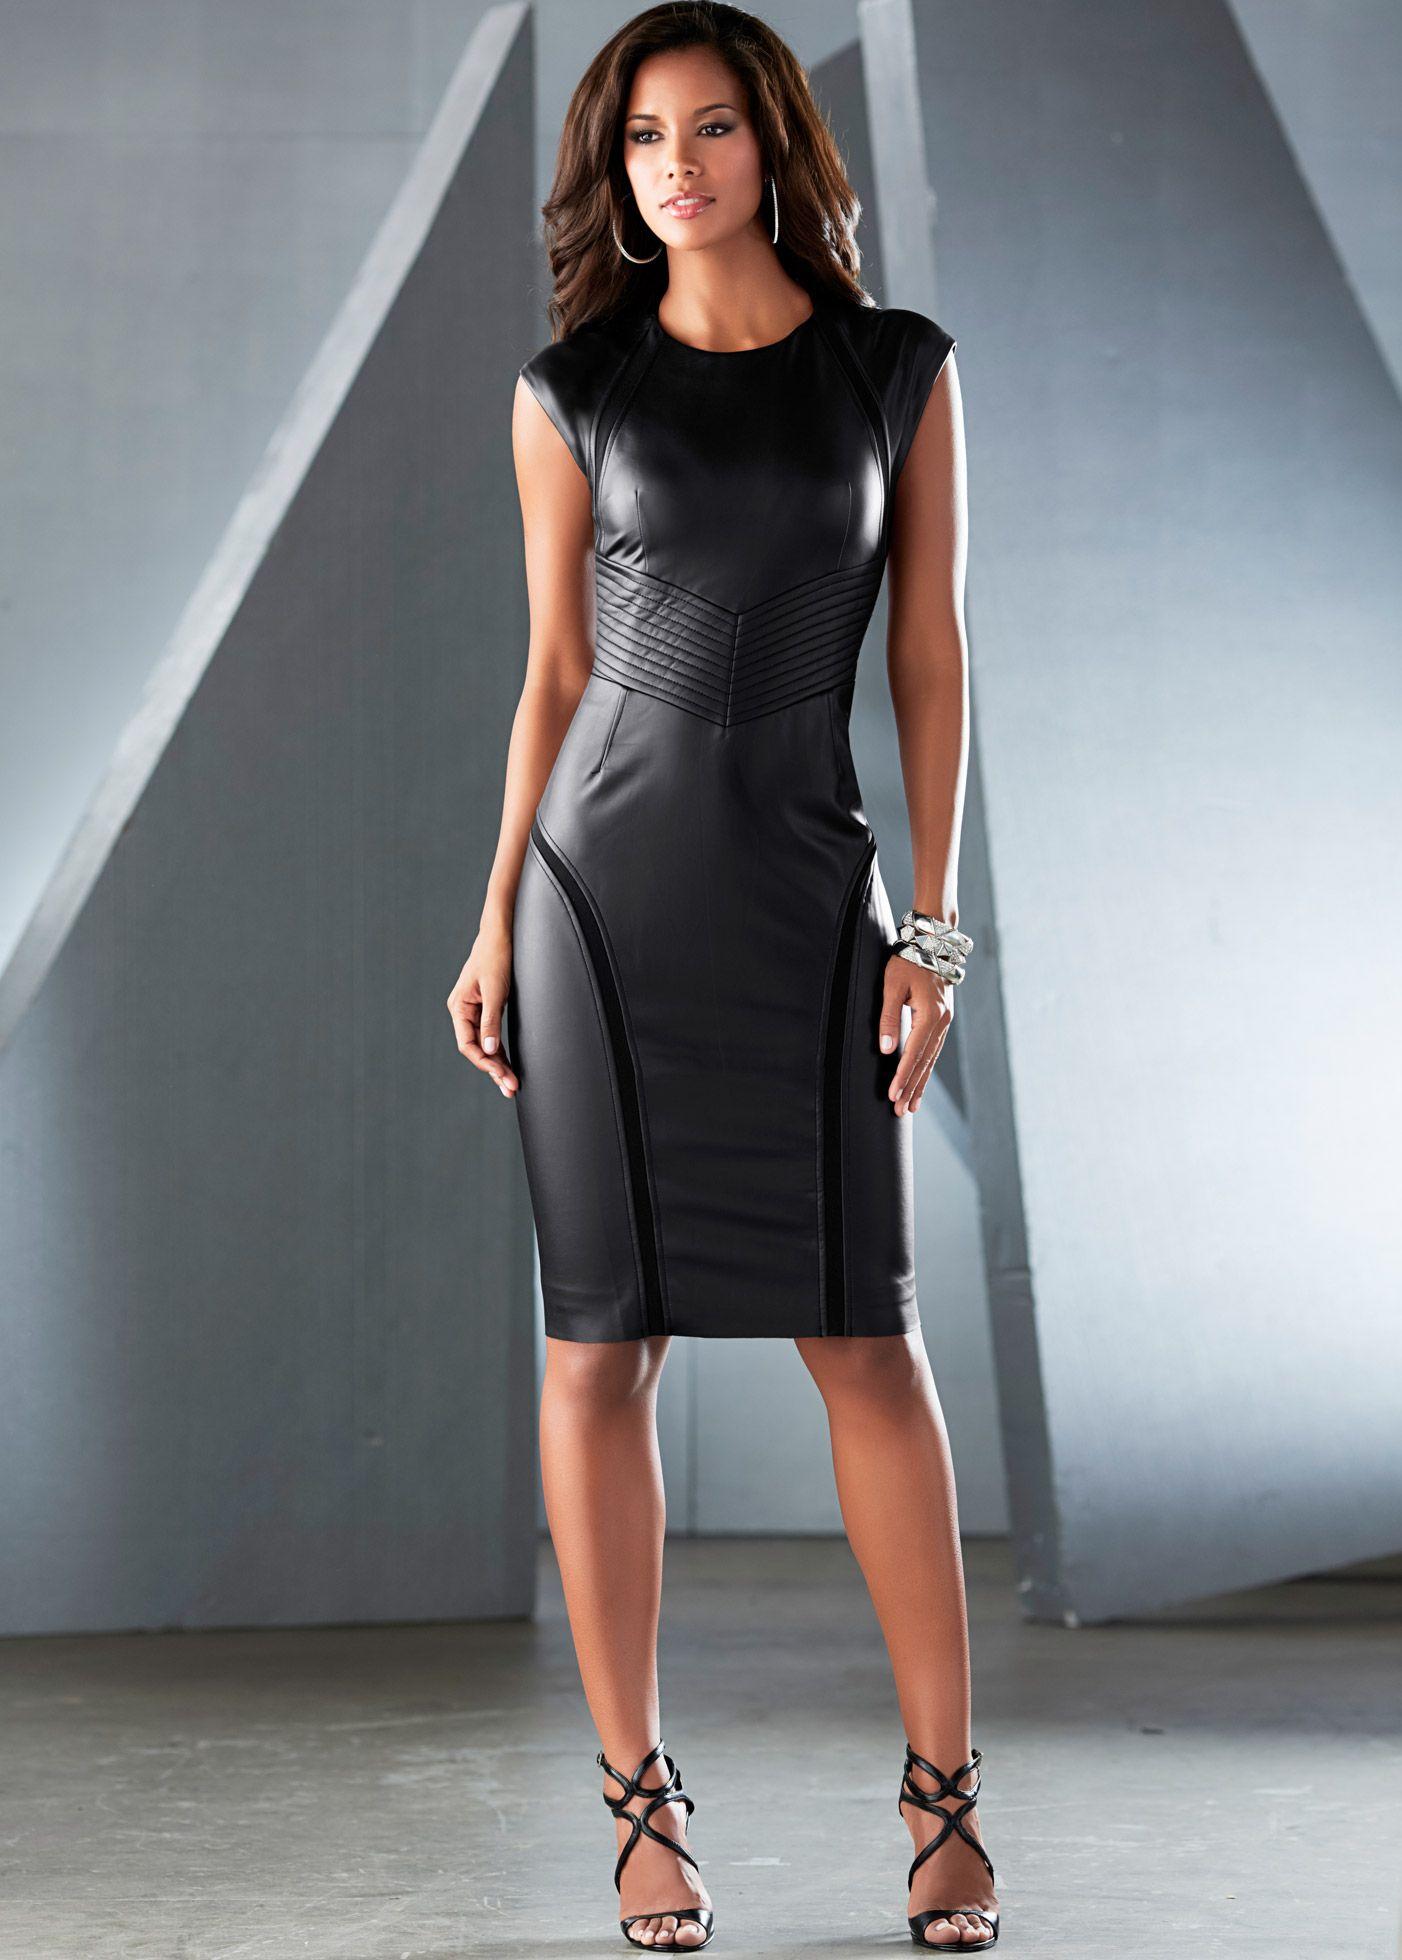 b71aab445 Vestido acinturado de couro sintético preto encomendar agora na loja  on-line bonprix.de R$ 219,00 a partir de Perfeito para a noite! Tubinho  moderno, com .